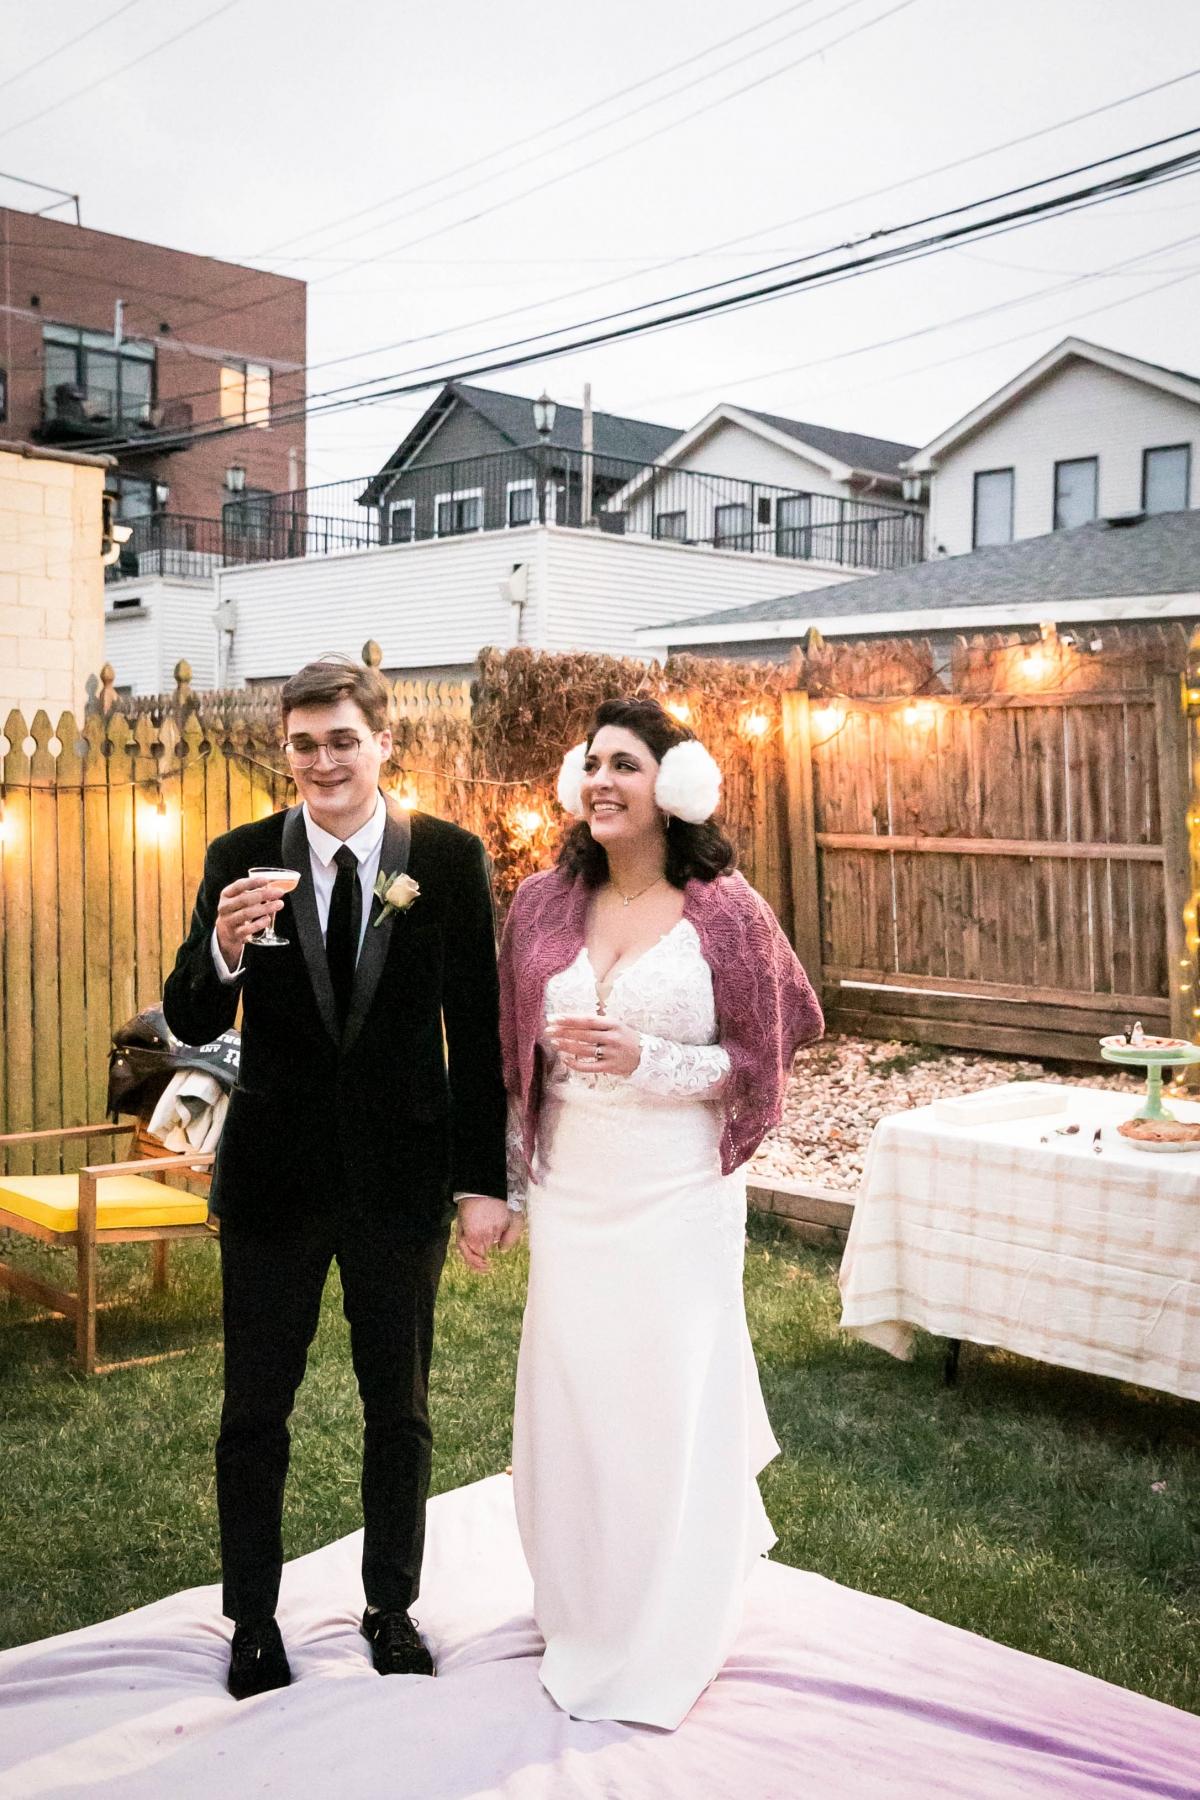 rita.nick wedding rachaelschirano 506